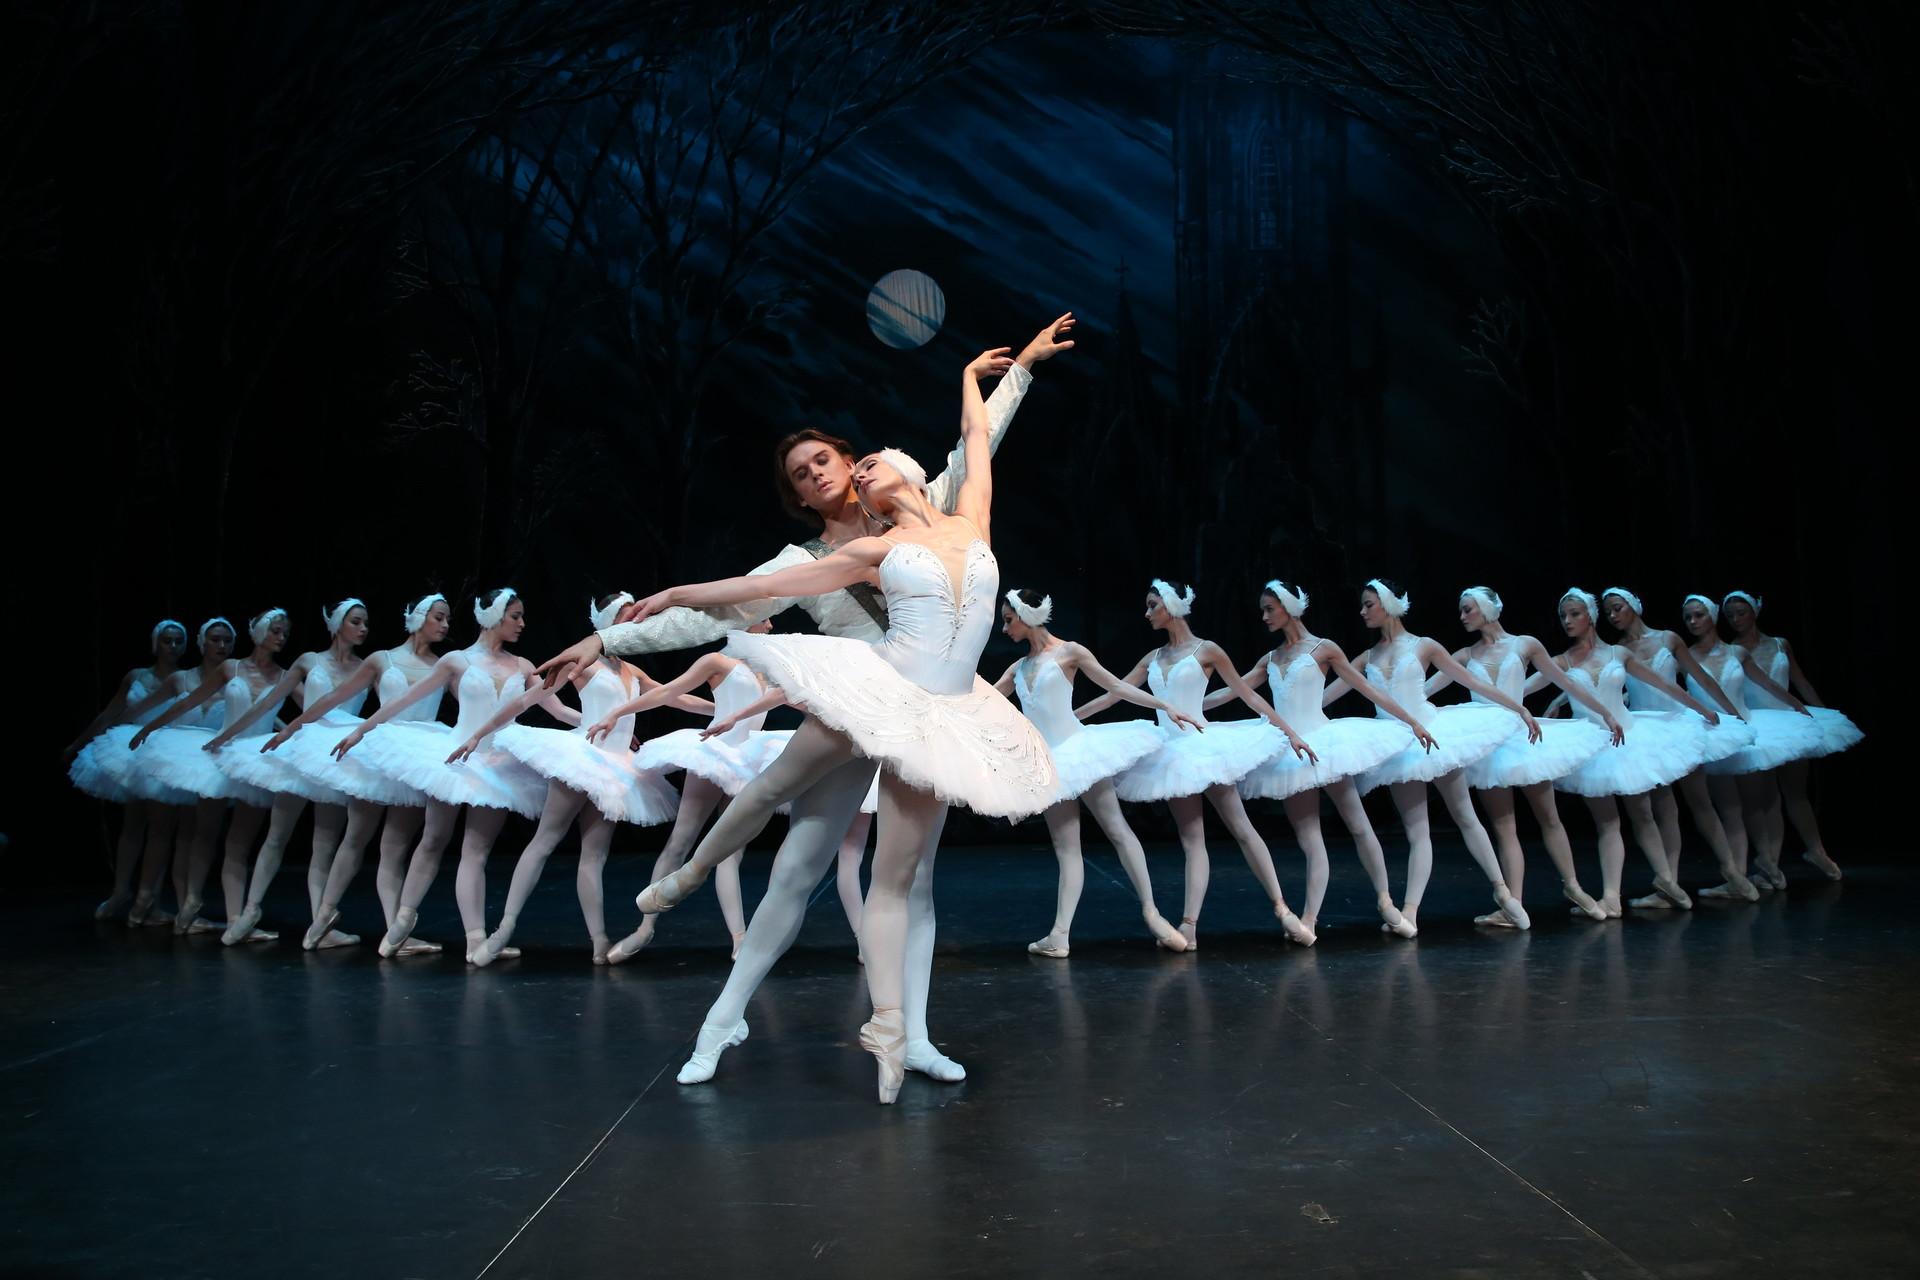 Dokler ne pridete v Mariinski ali Bolšoj teater, lahko gledate Labodje jezero tudi v SNG Opera in balet Ljubljana.